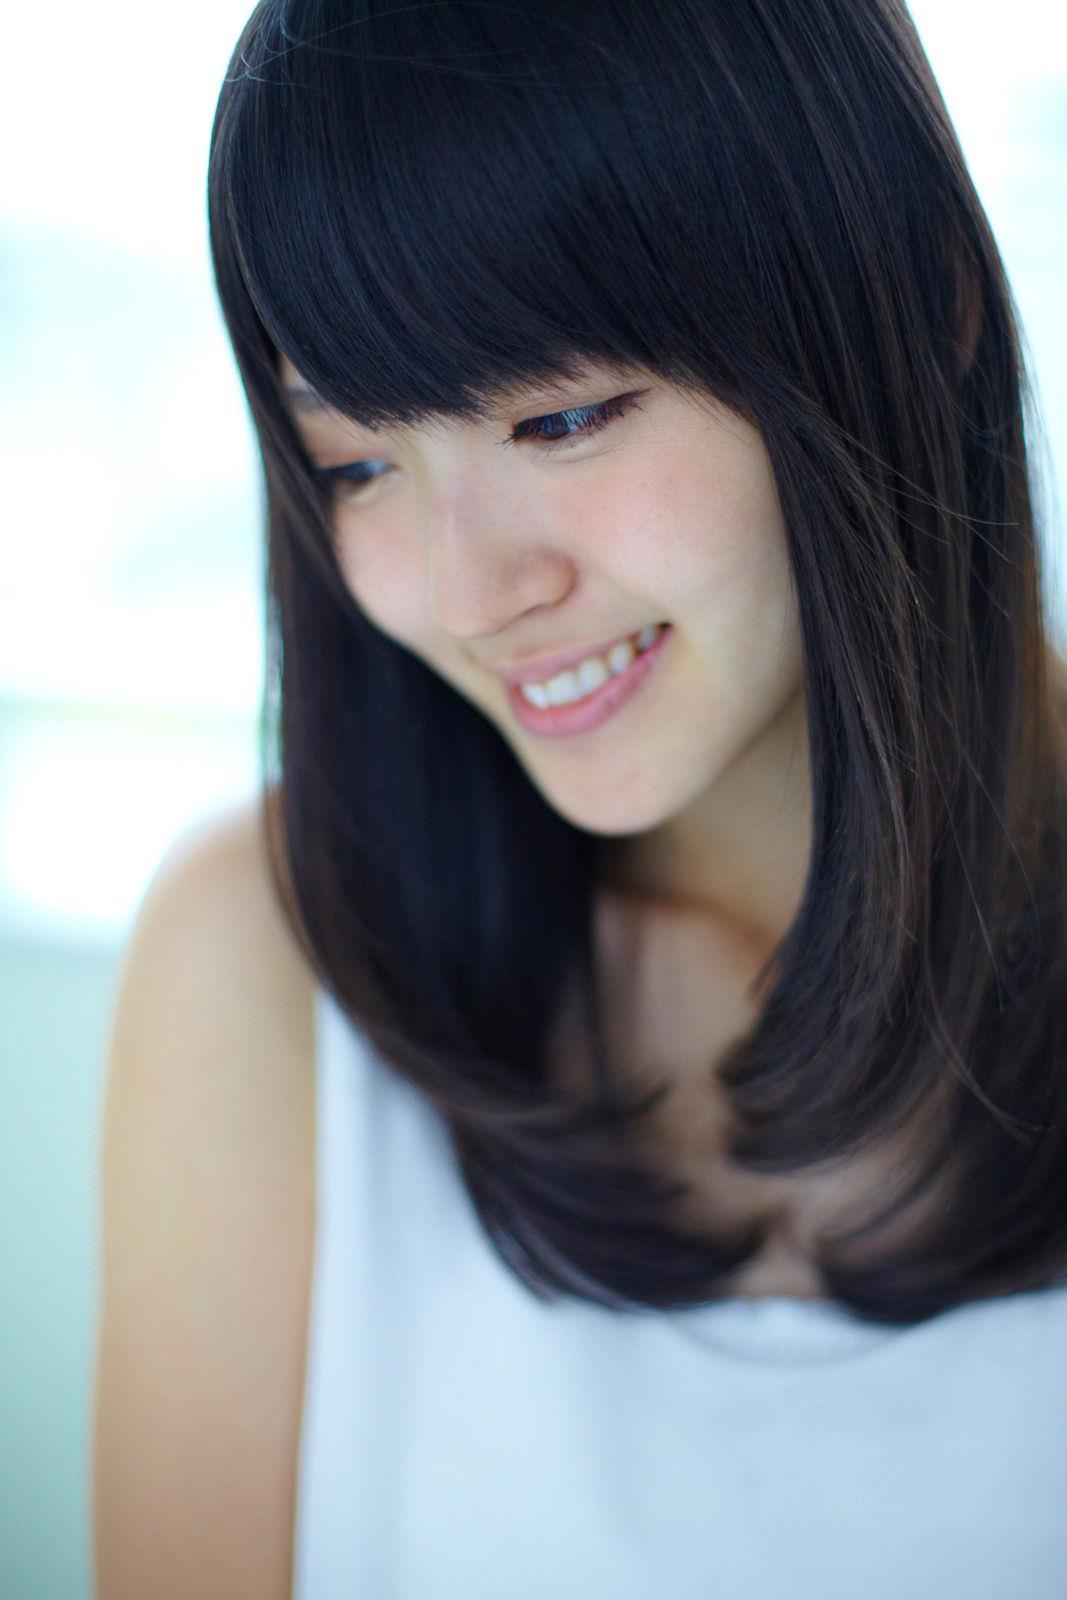 鈴木愛理(℃-ute) セクシー画像 29